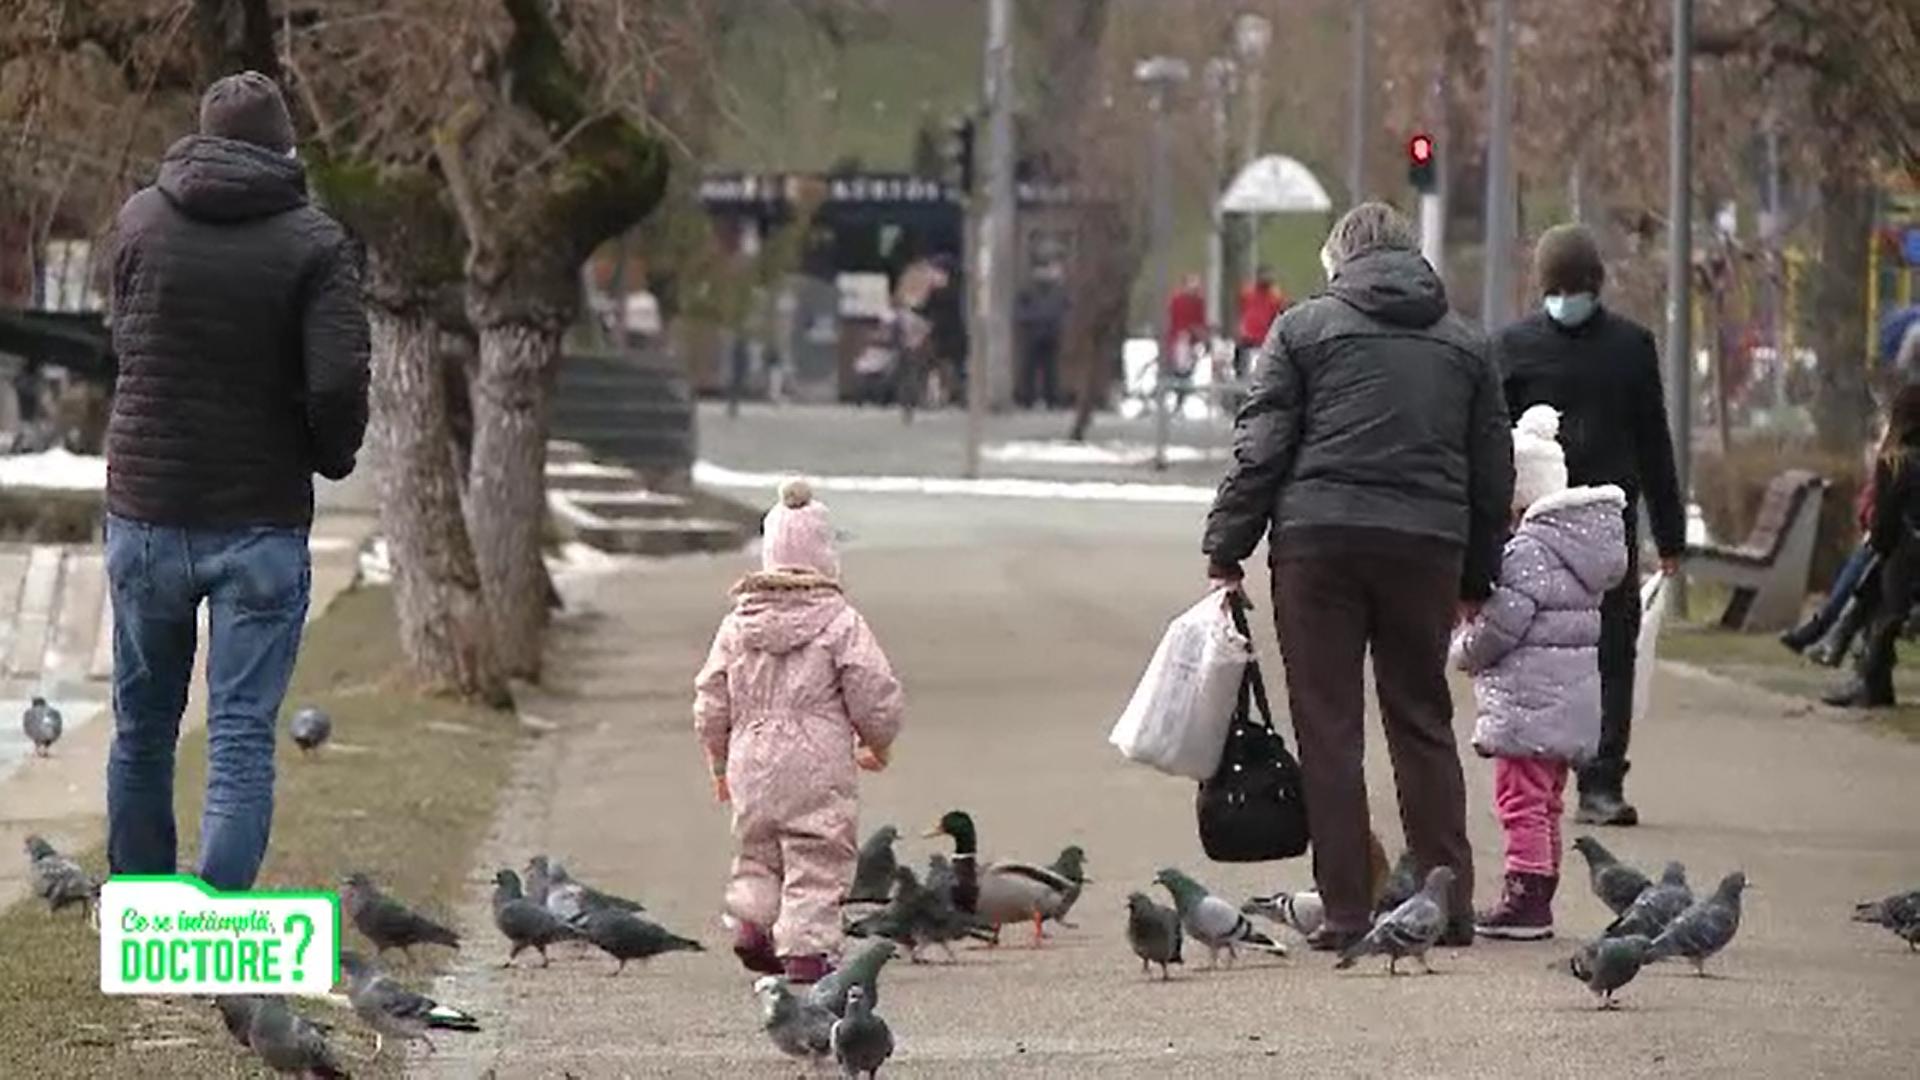 Hrana oferită copiilor în parc poate crește riscul de toxiinfecţie severă